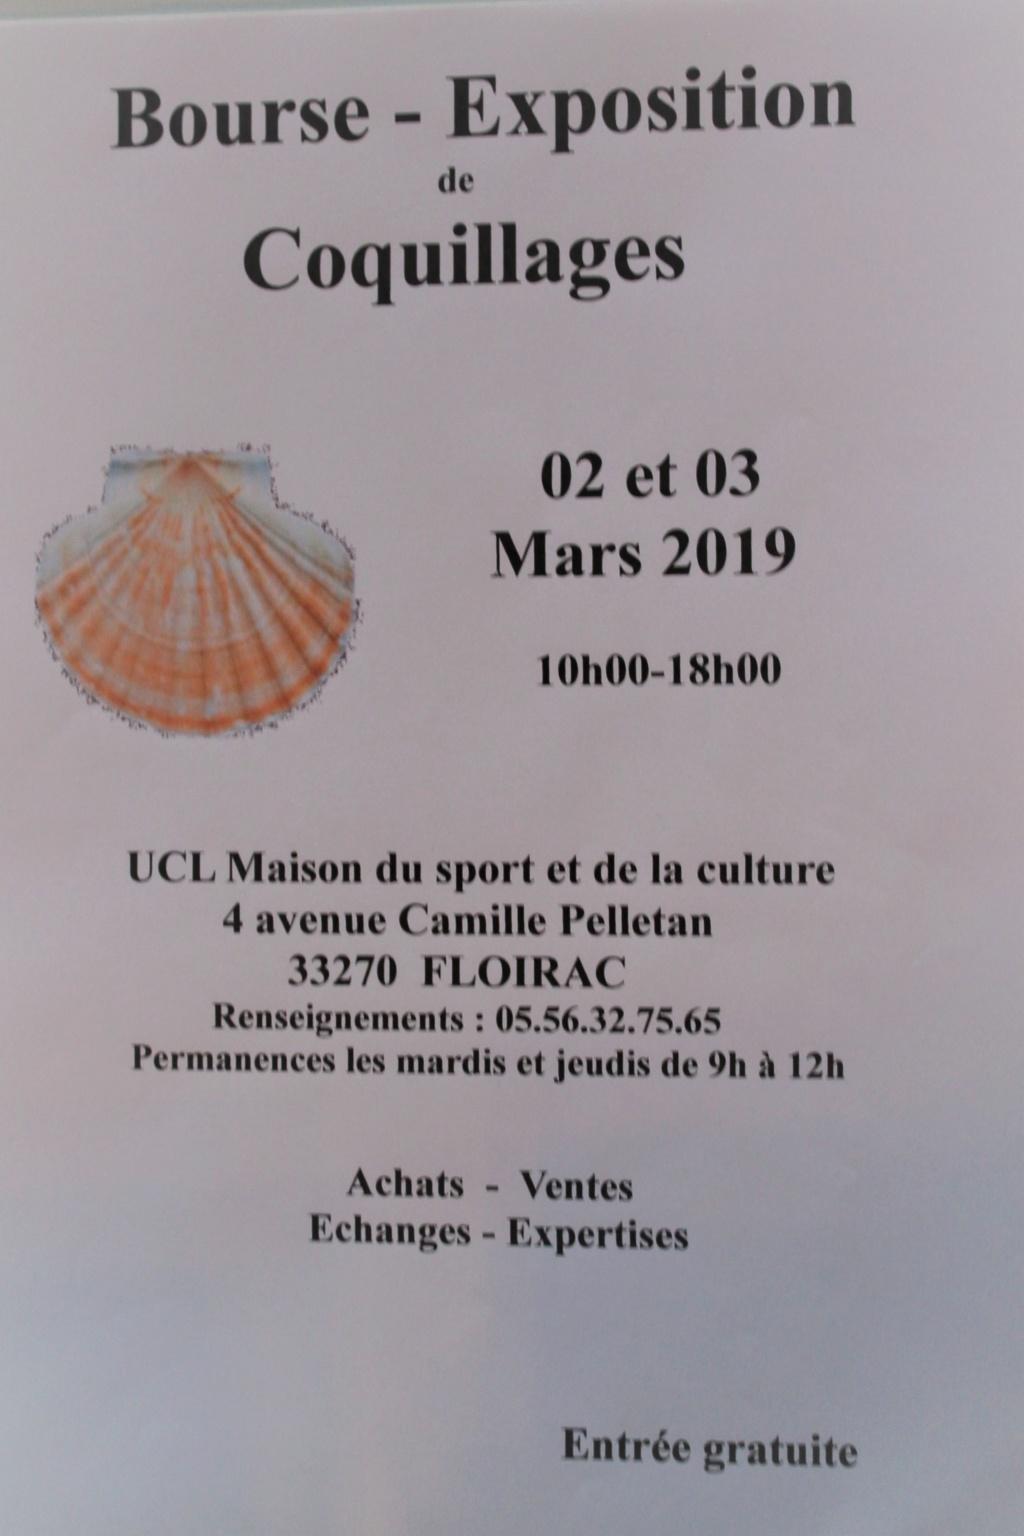 Bourse de Floirac  02 et 03 mars 2019 Img_8010